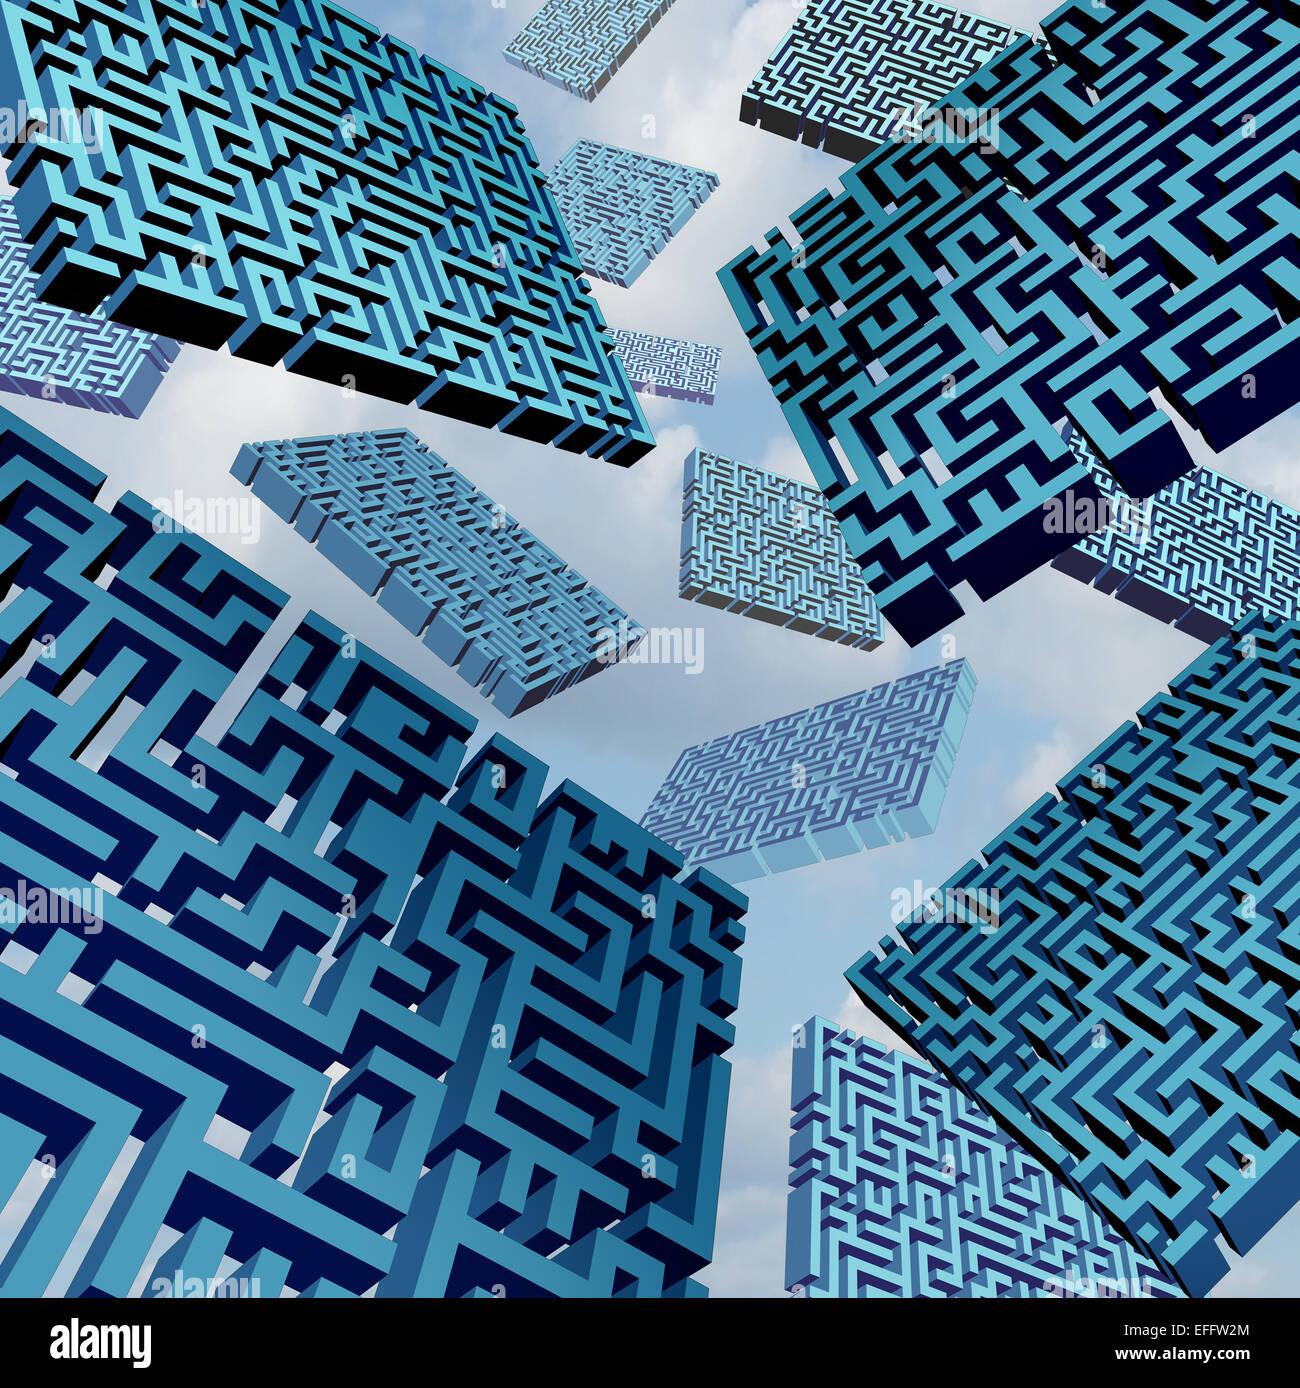 Maze confusione nozione come un gruppo di tre dimensioni di pezzi a labirinto fluttuante nel cielo come una metafora Immagini Stock